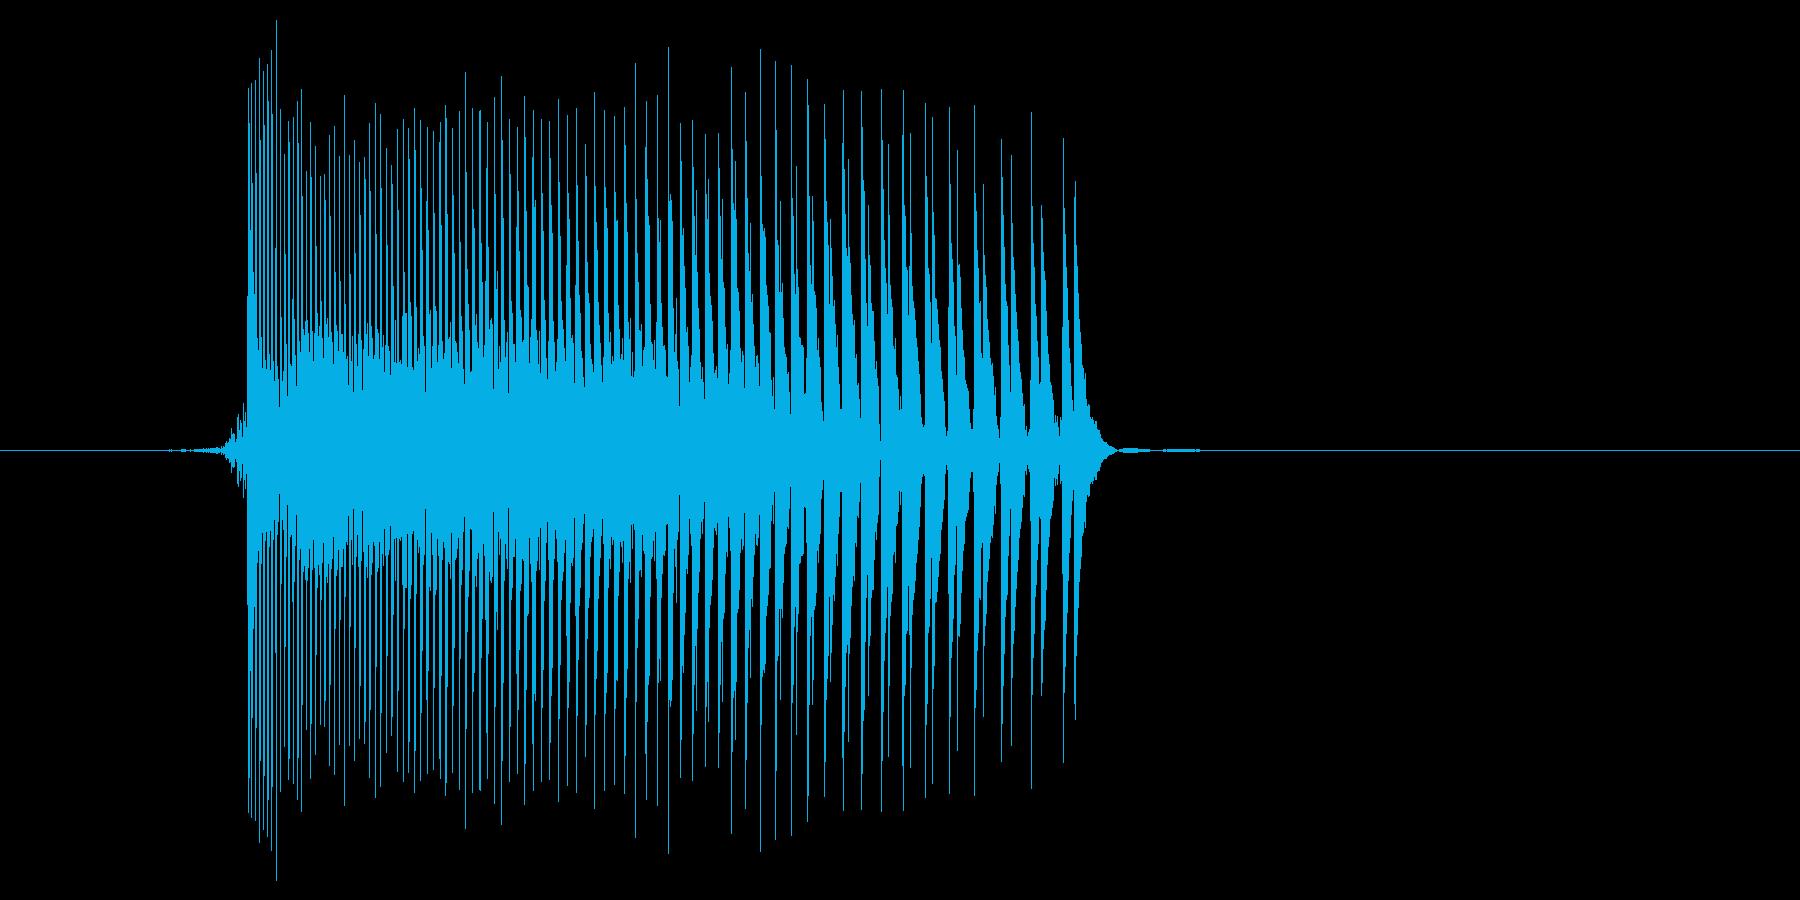 ゲーム(ファミコン風)レーザー音_013の再生済みの波形